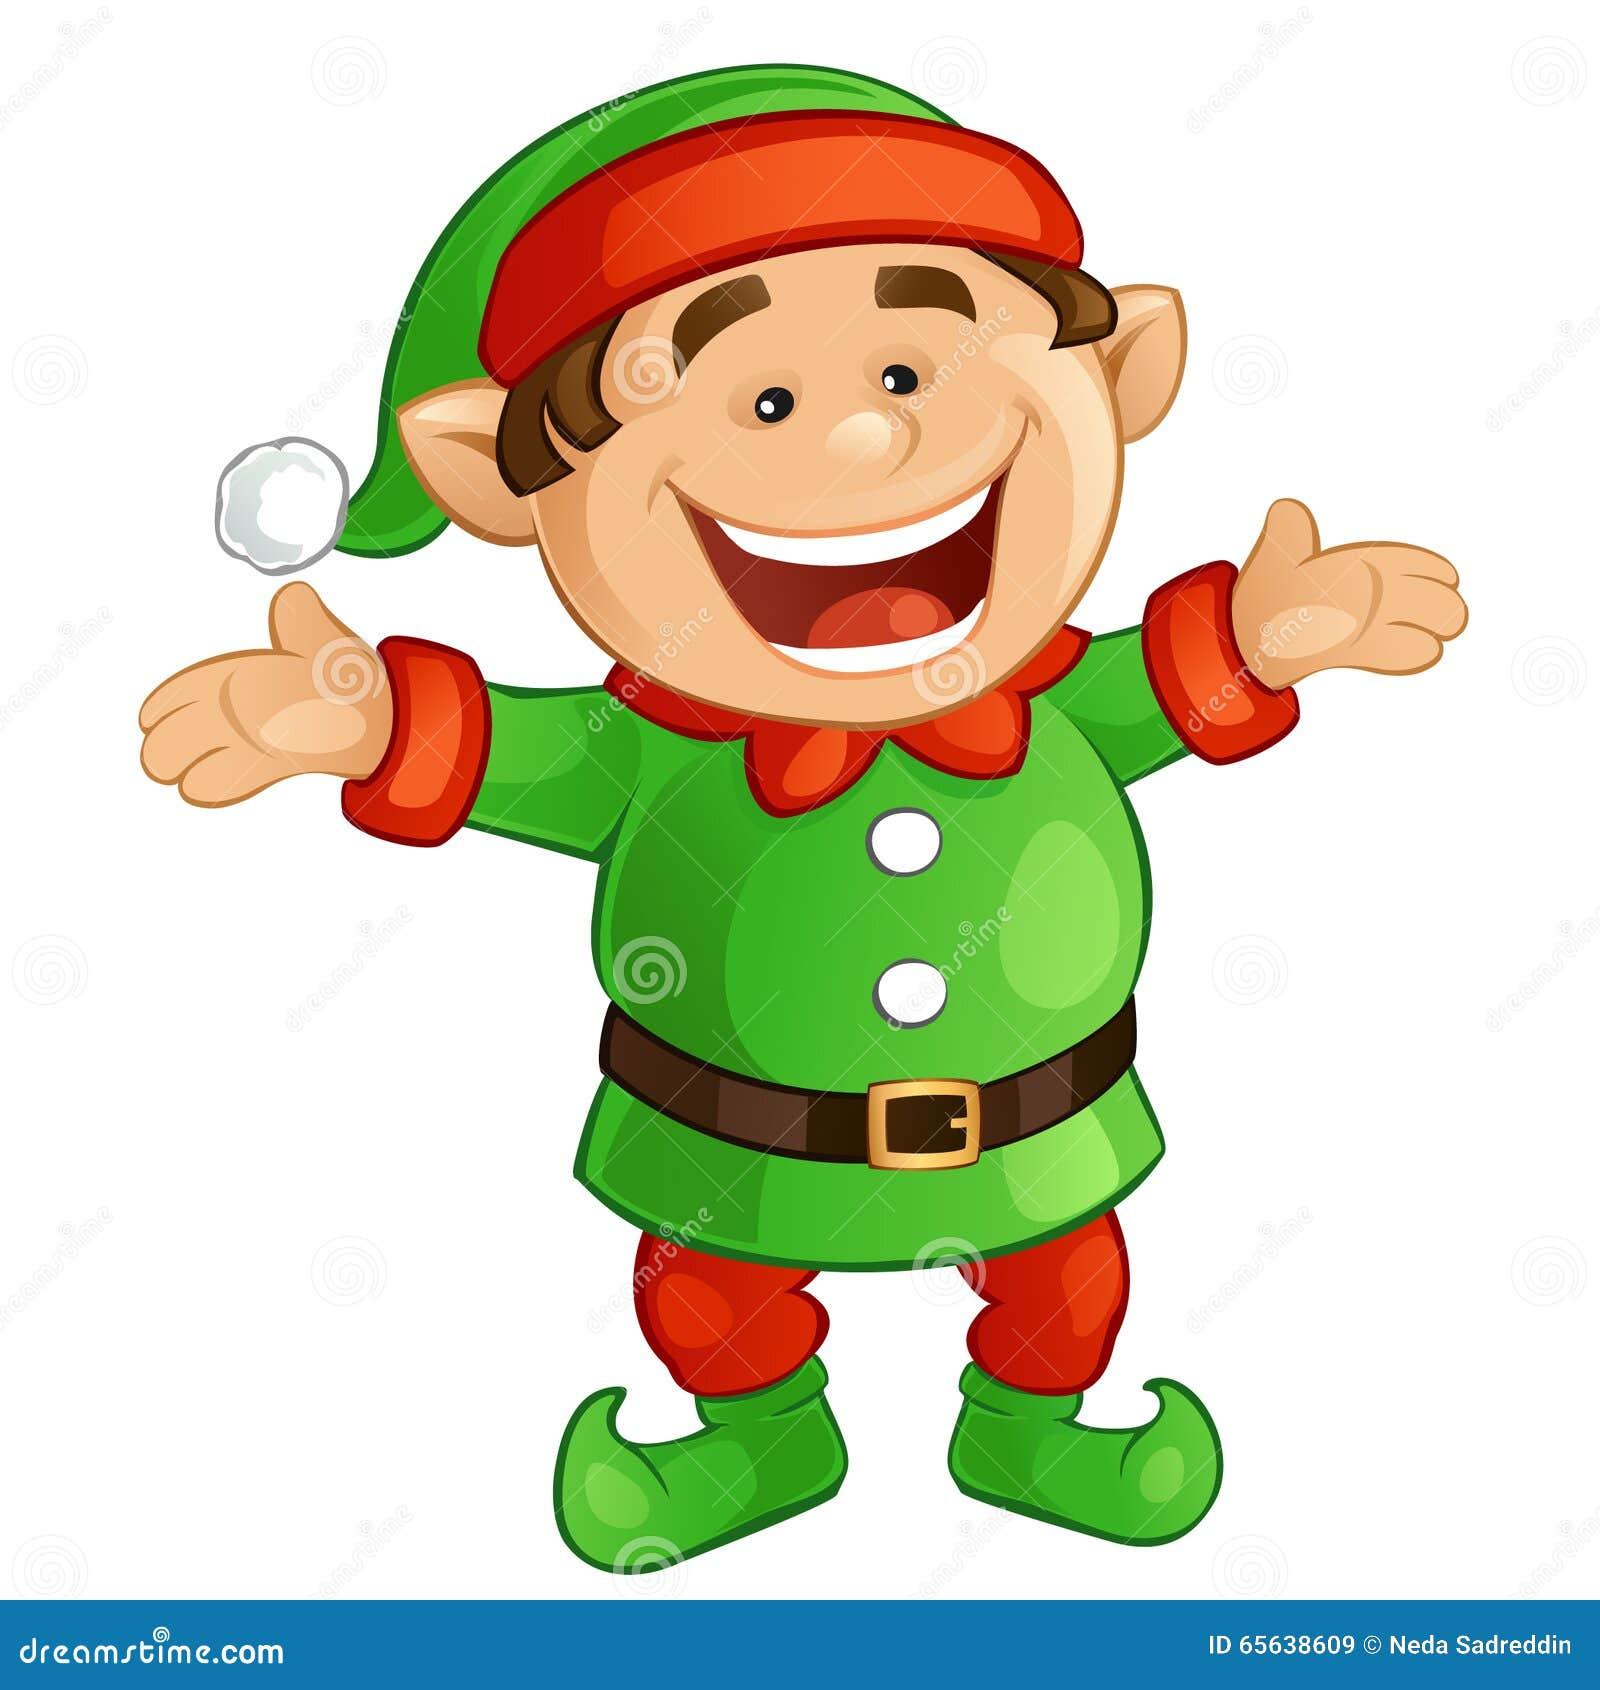 happy elf clipart - photo #30